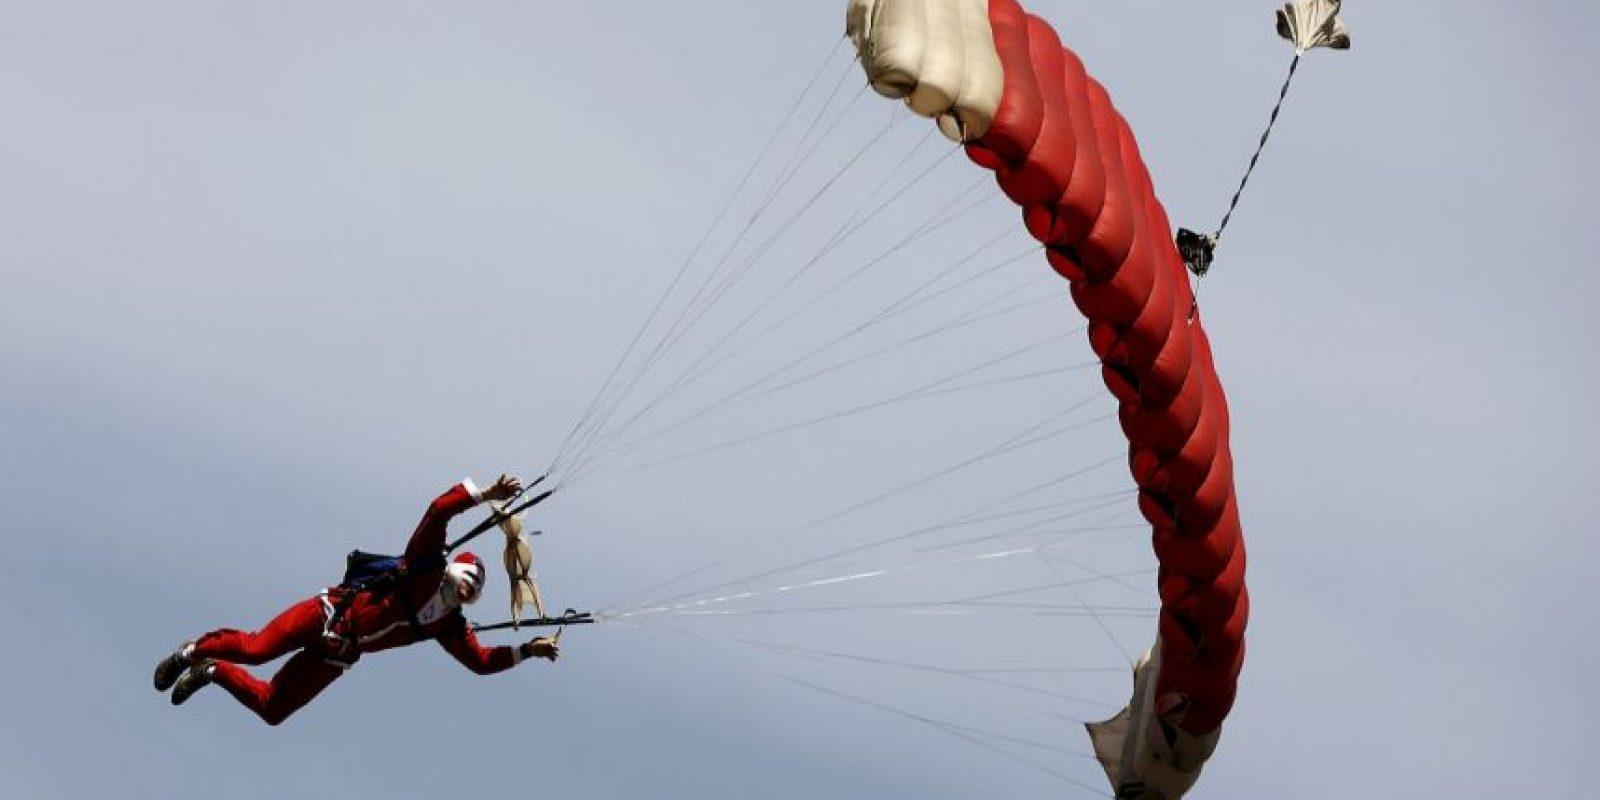 Recuerde cerciorarse de que su instructor se encuentre capacitado. Necesita una certificación que lo autorice como tal Foto:Getty Images